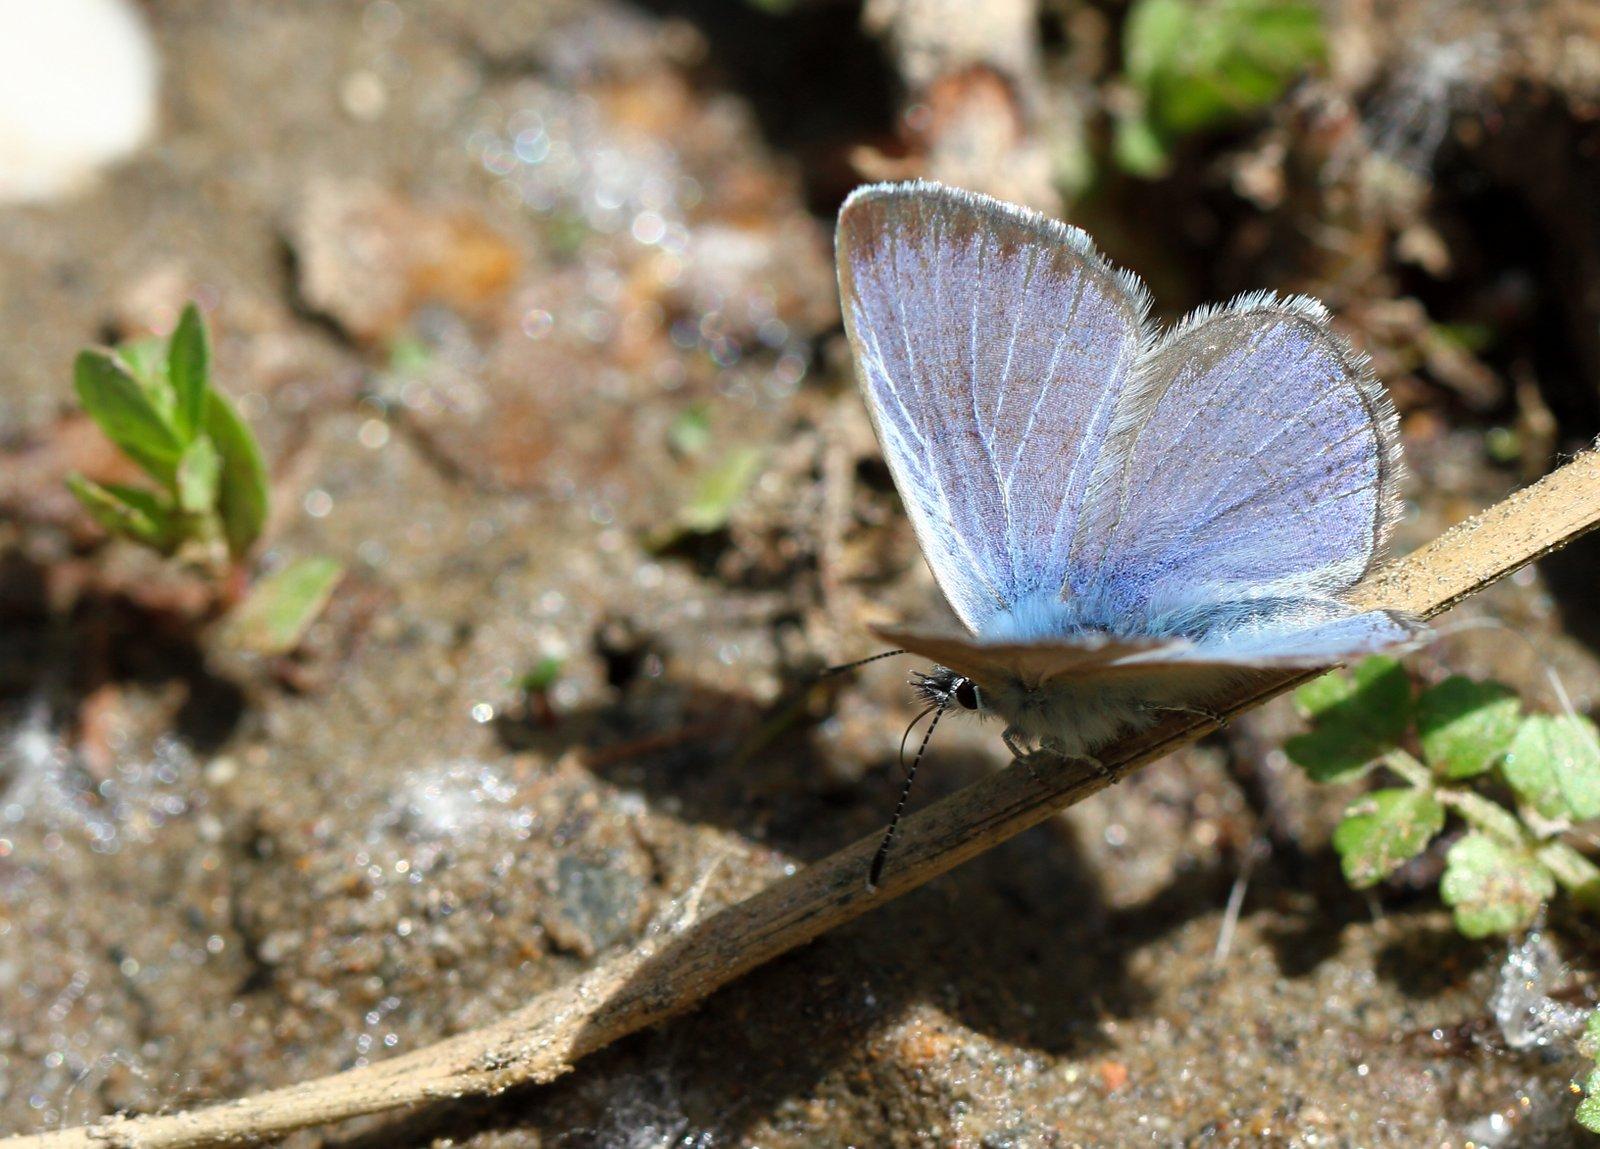 Sortøjet blåfugl, Glaucopsyche melanops